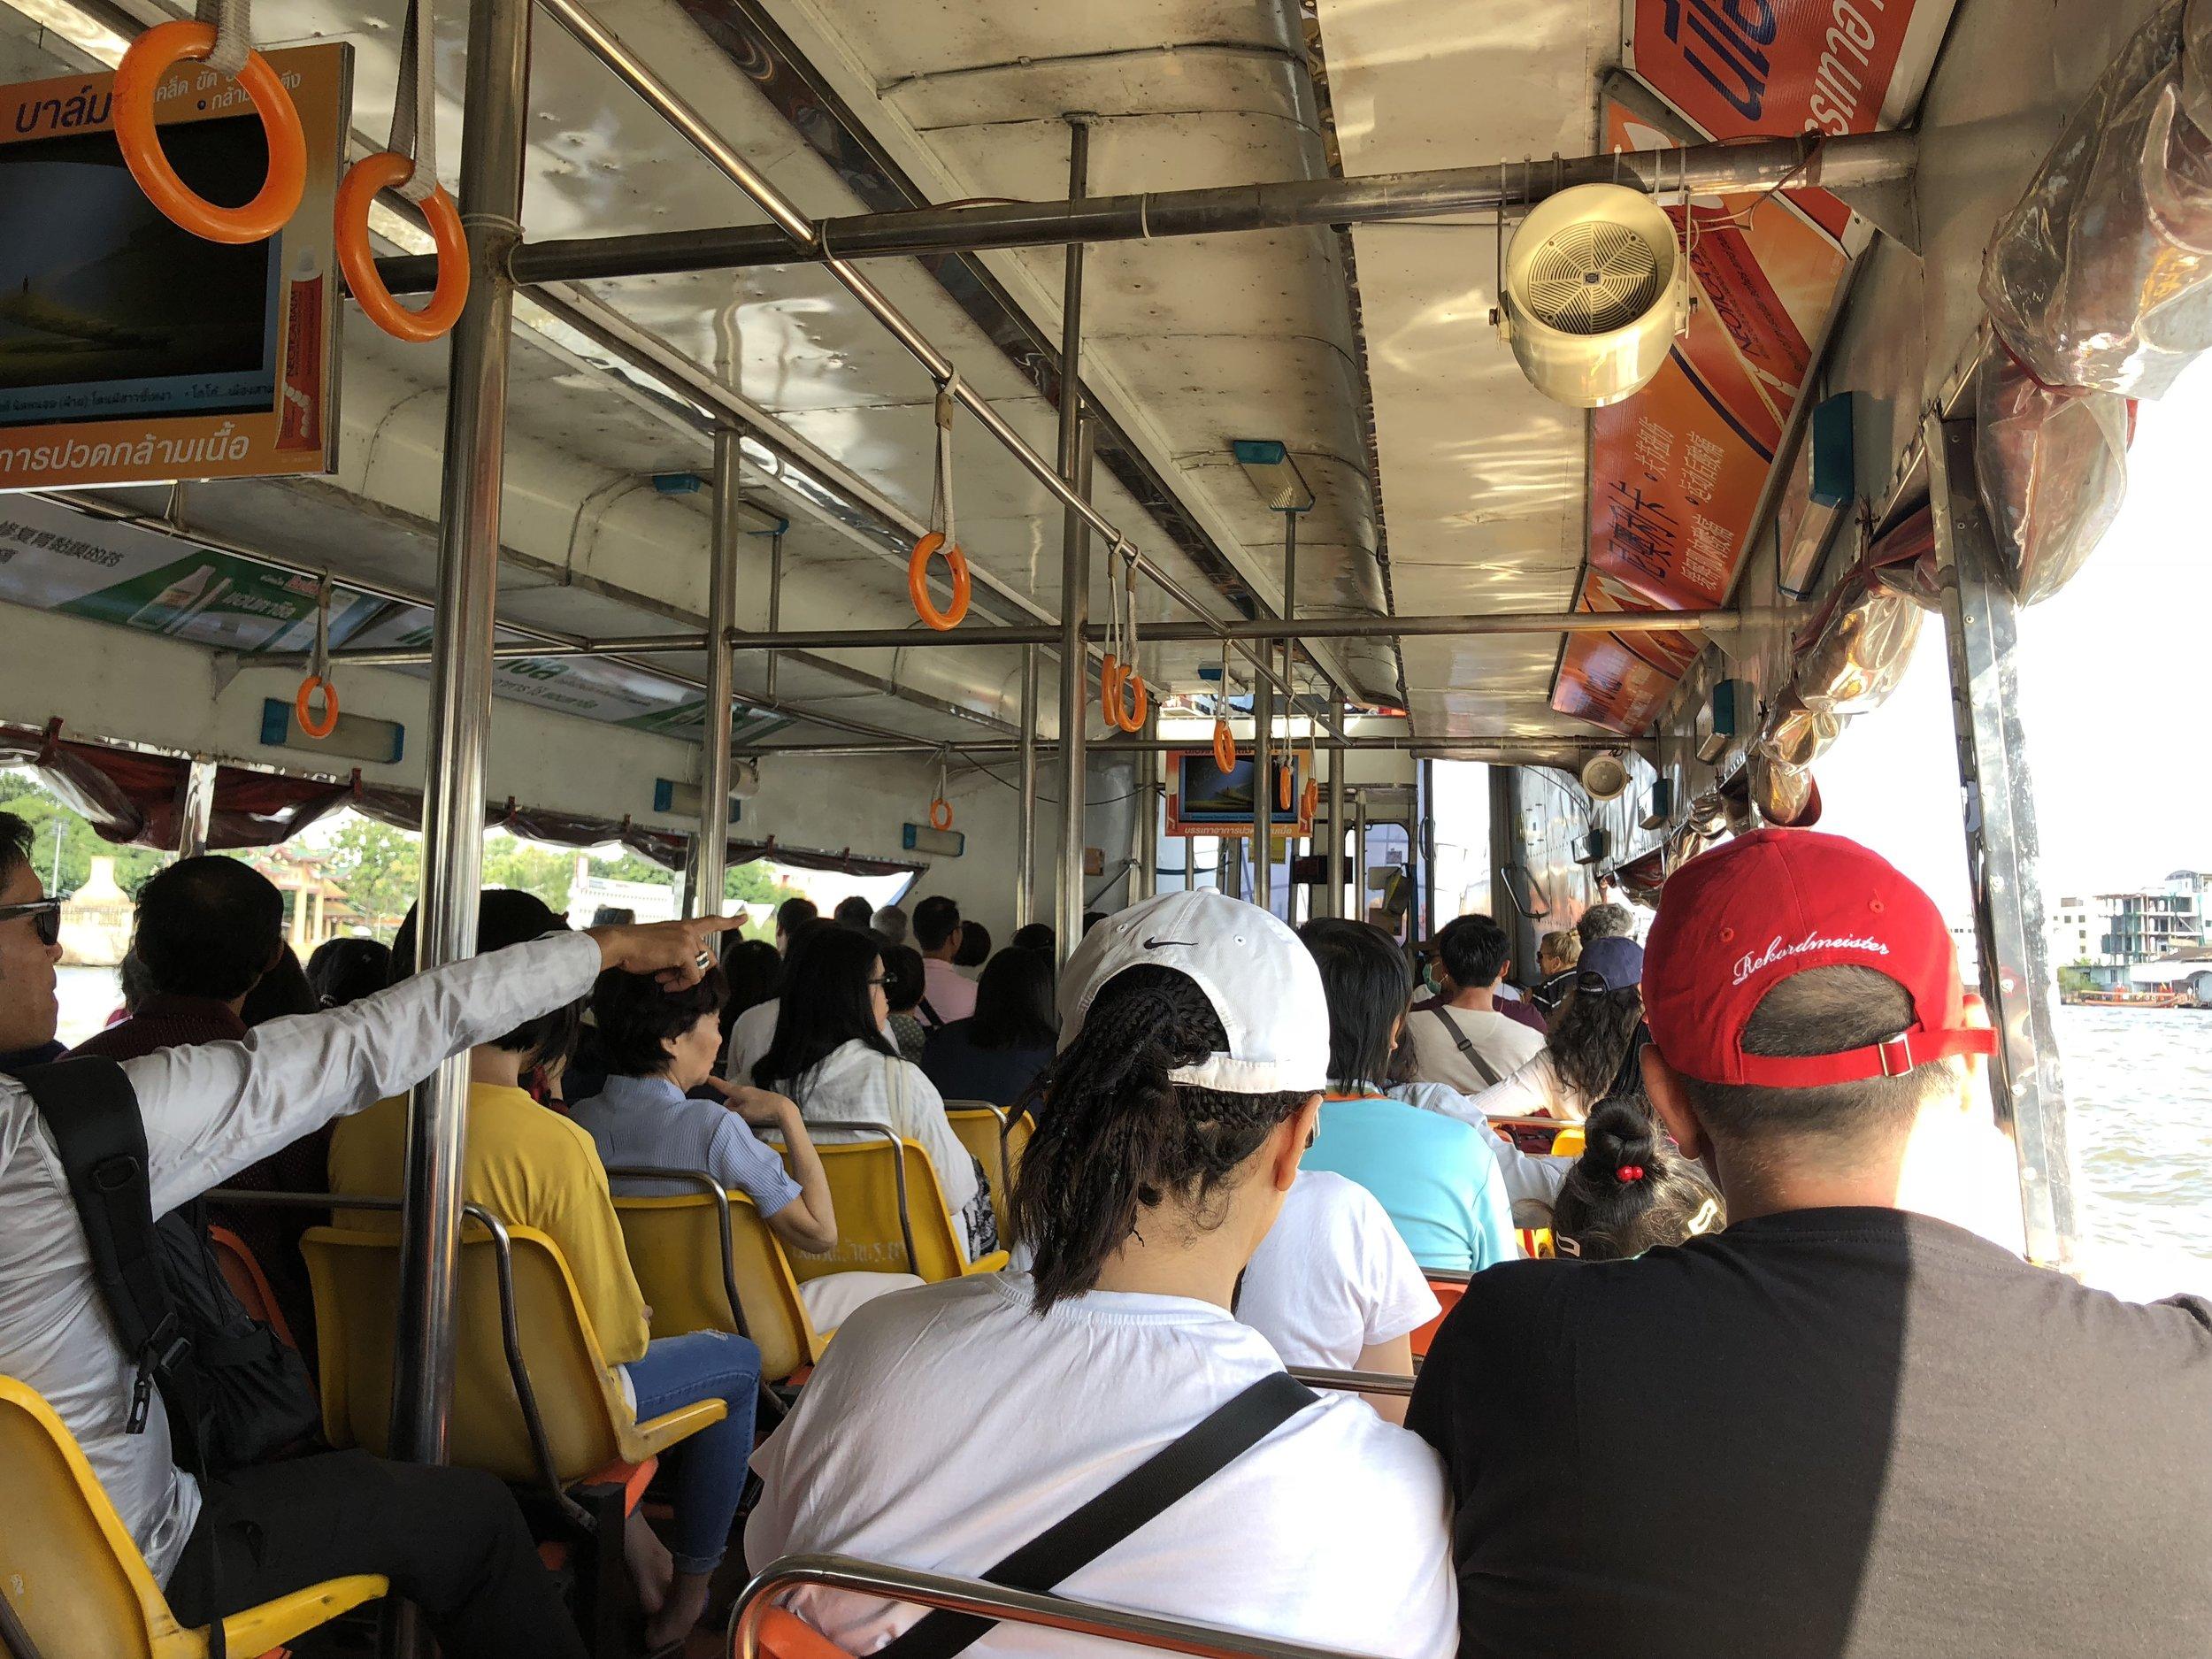 Adentro de un barco…¡lleno de gente!